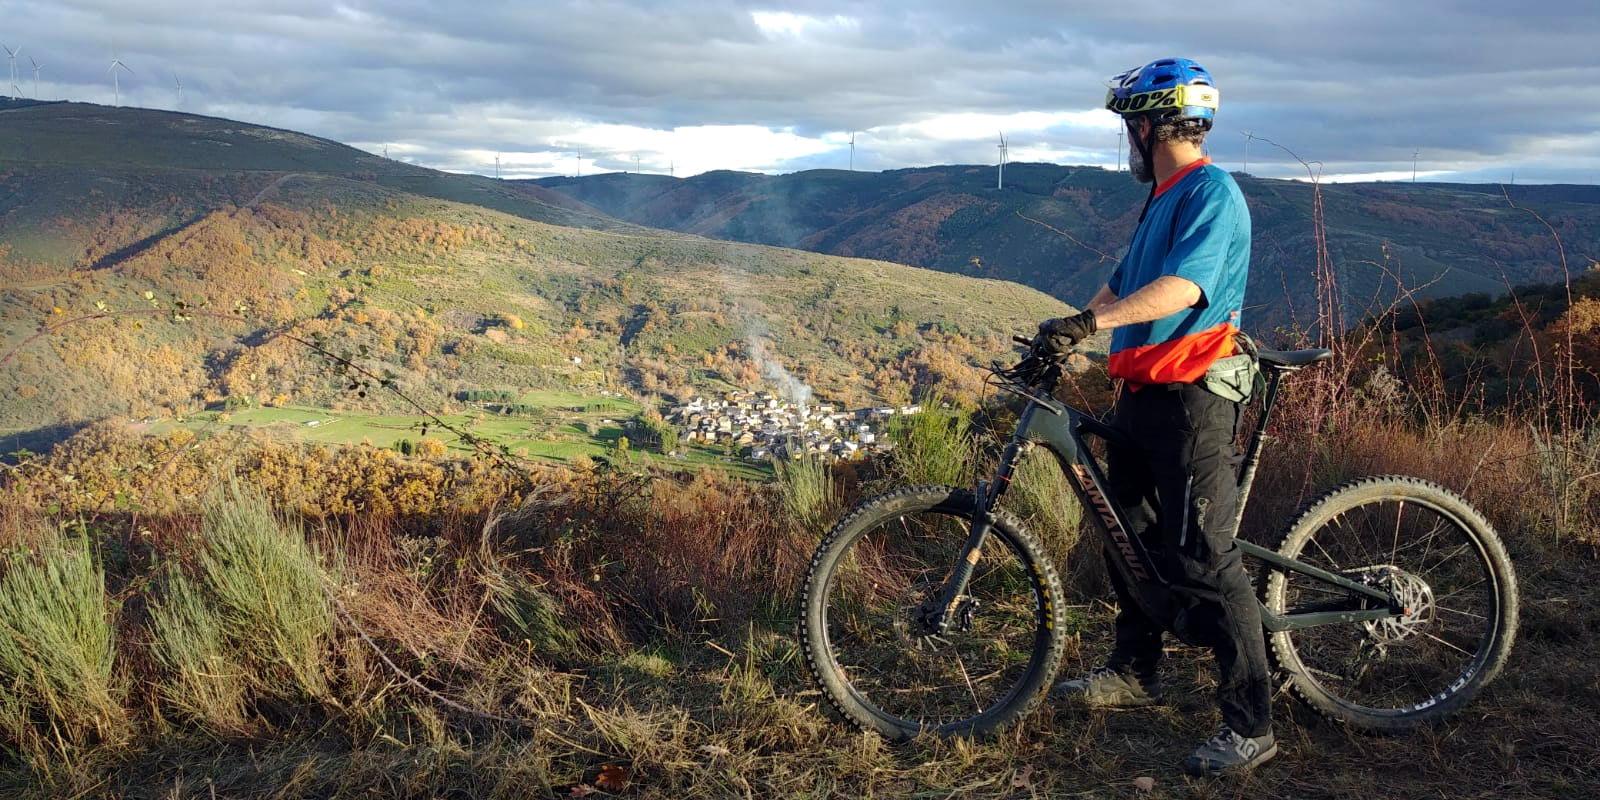 Alquiler de bicicletas eléctricas ebike mtb | Rutas por pueblos en El Bierzo